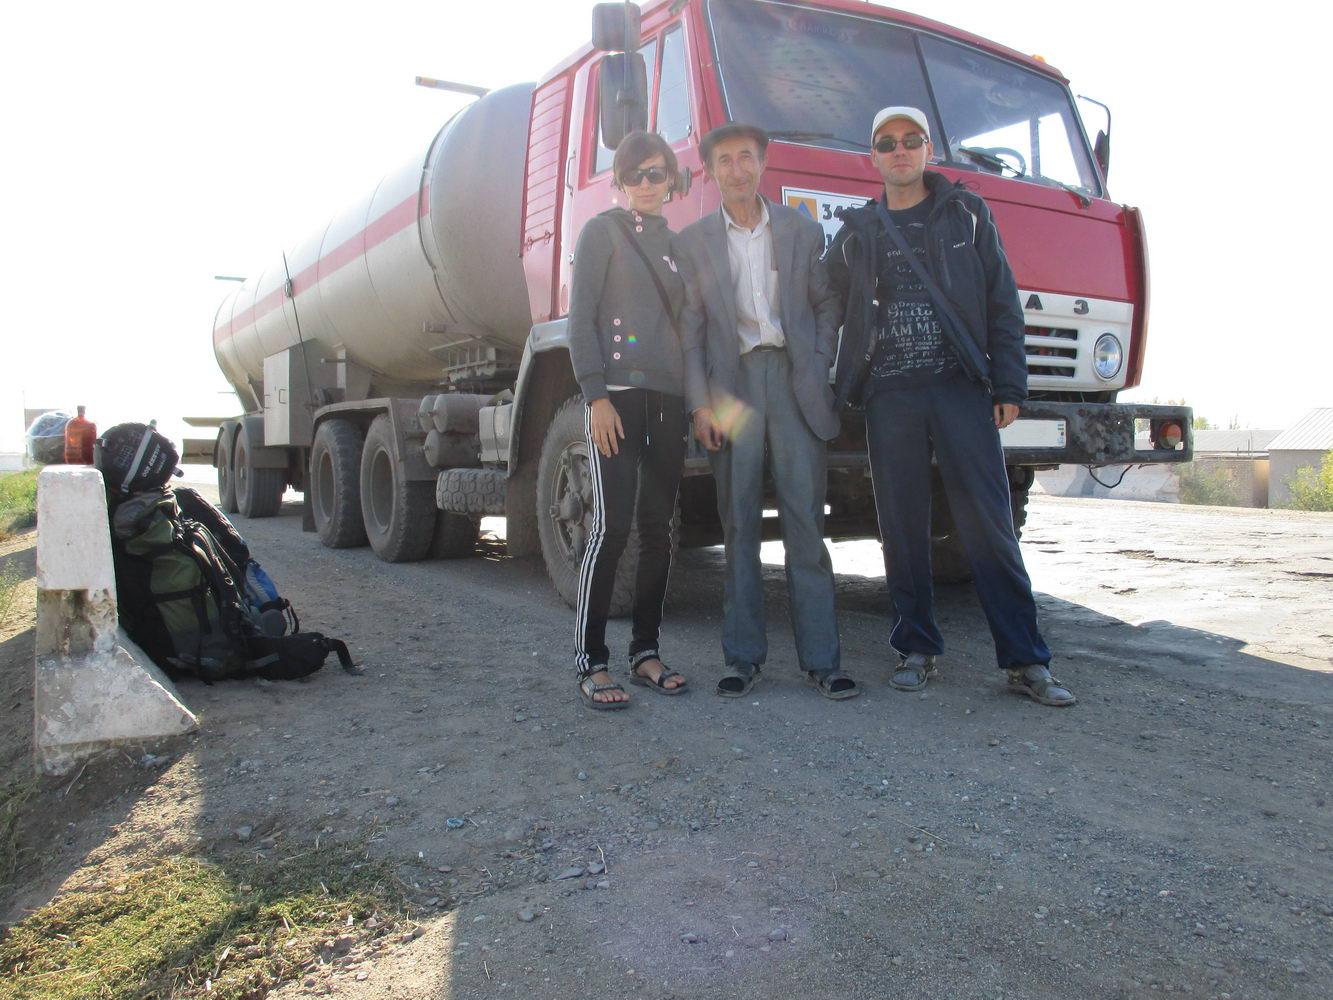 автостопом на бензовозе. путь из узбекистана в казахстан